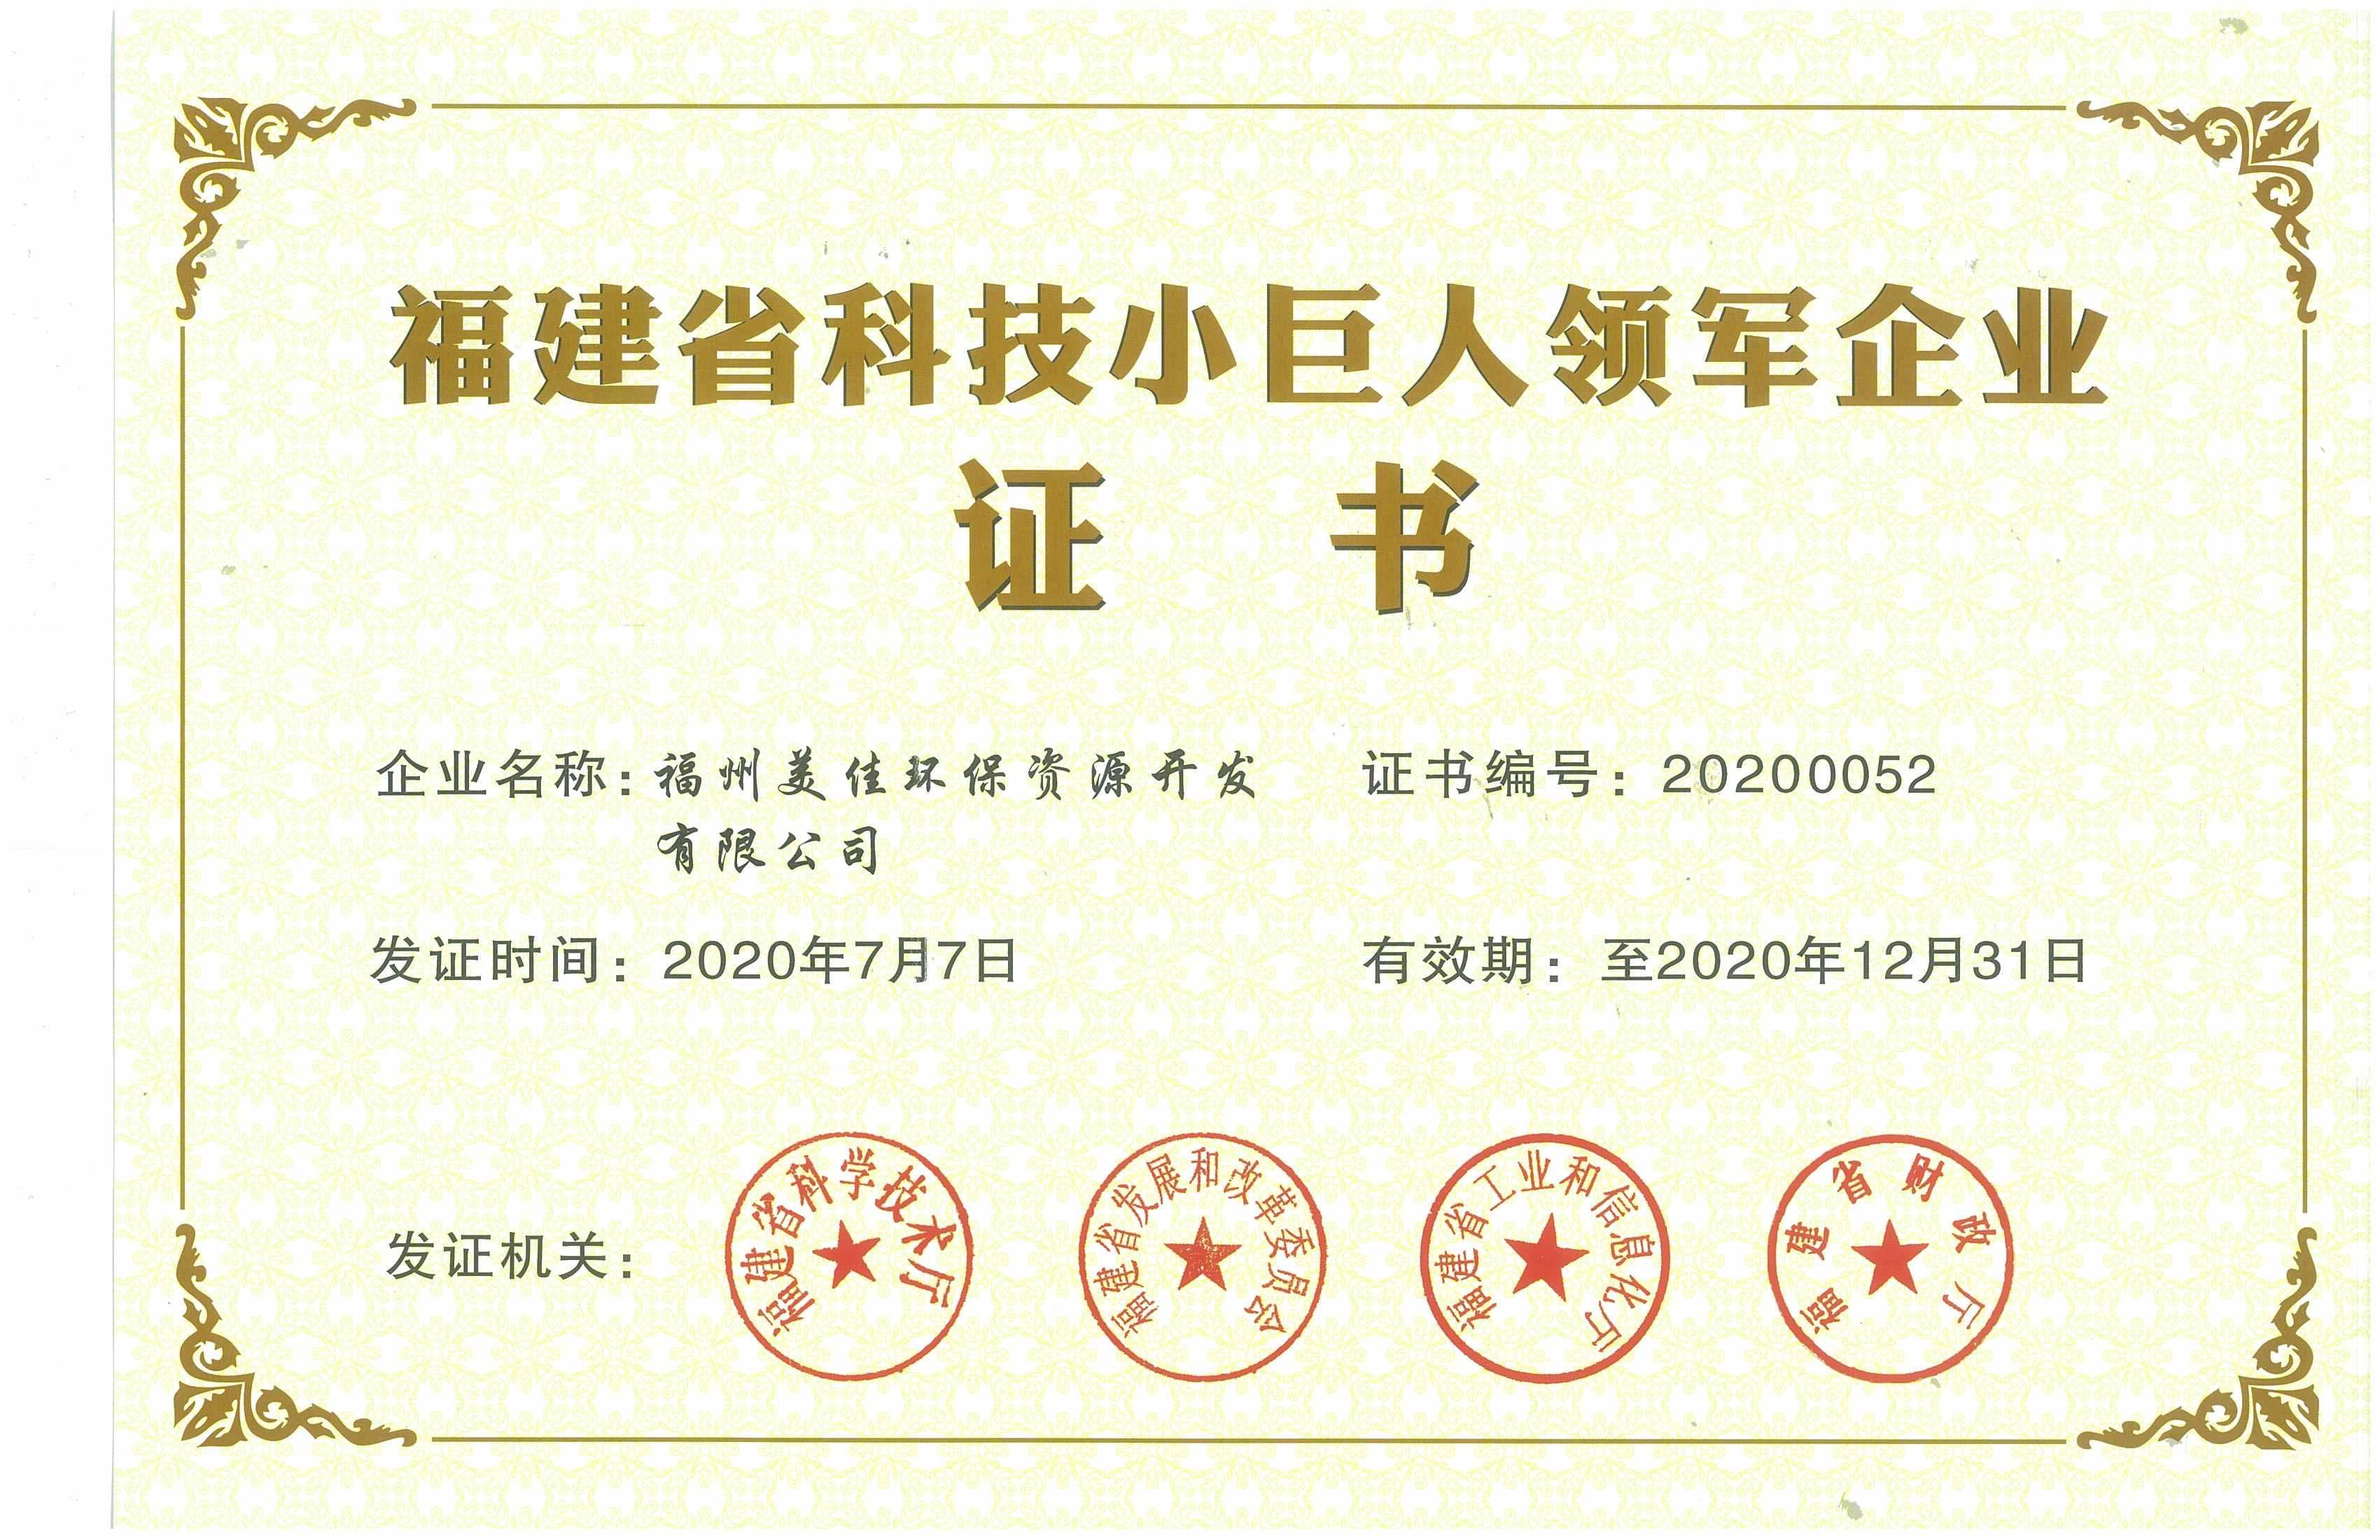 福建省小巨人证书